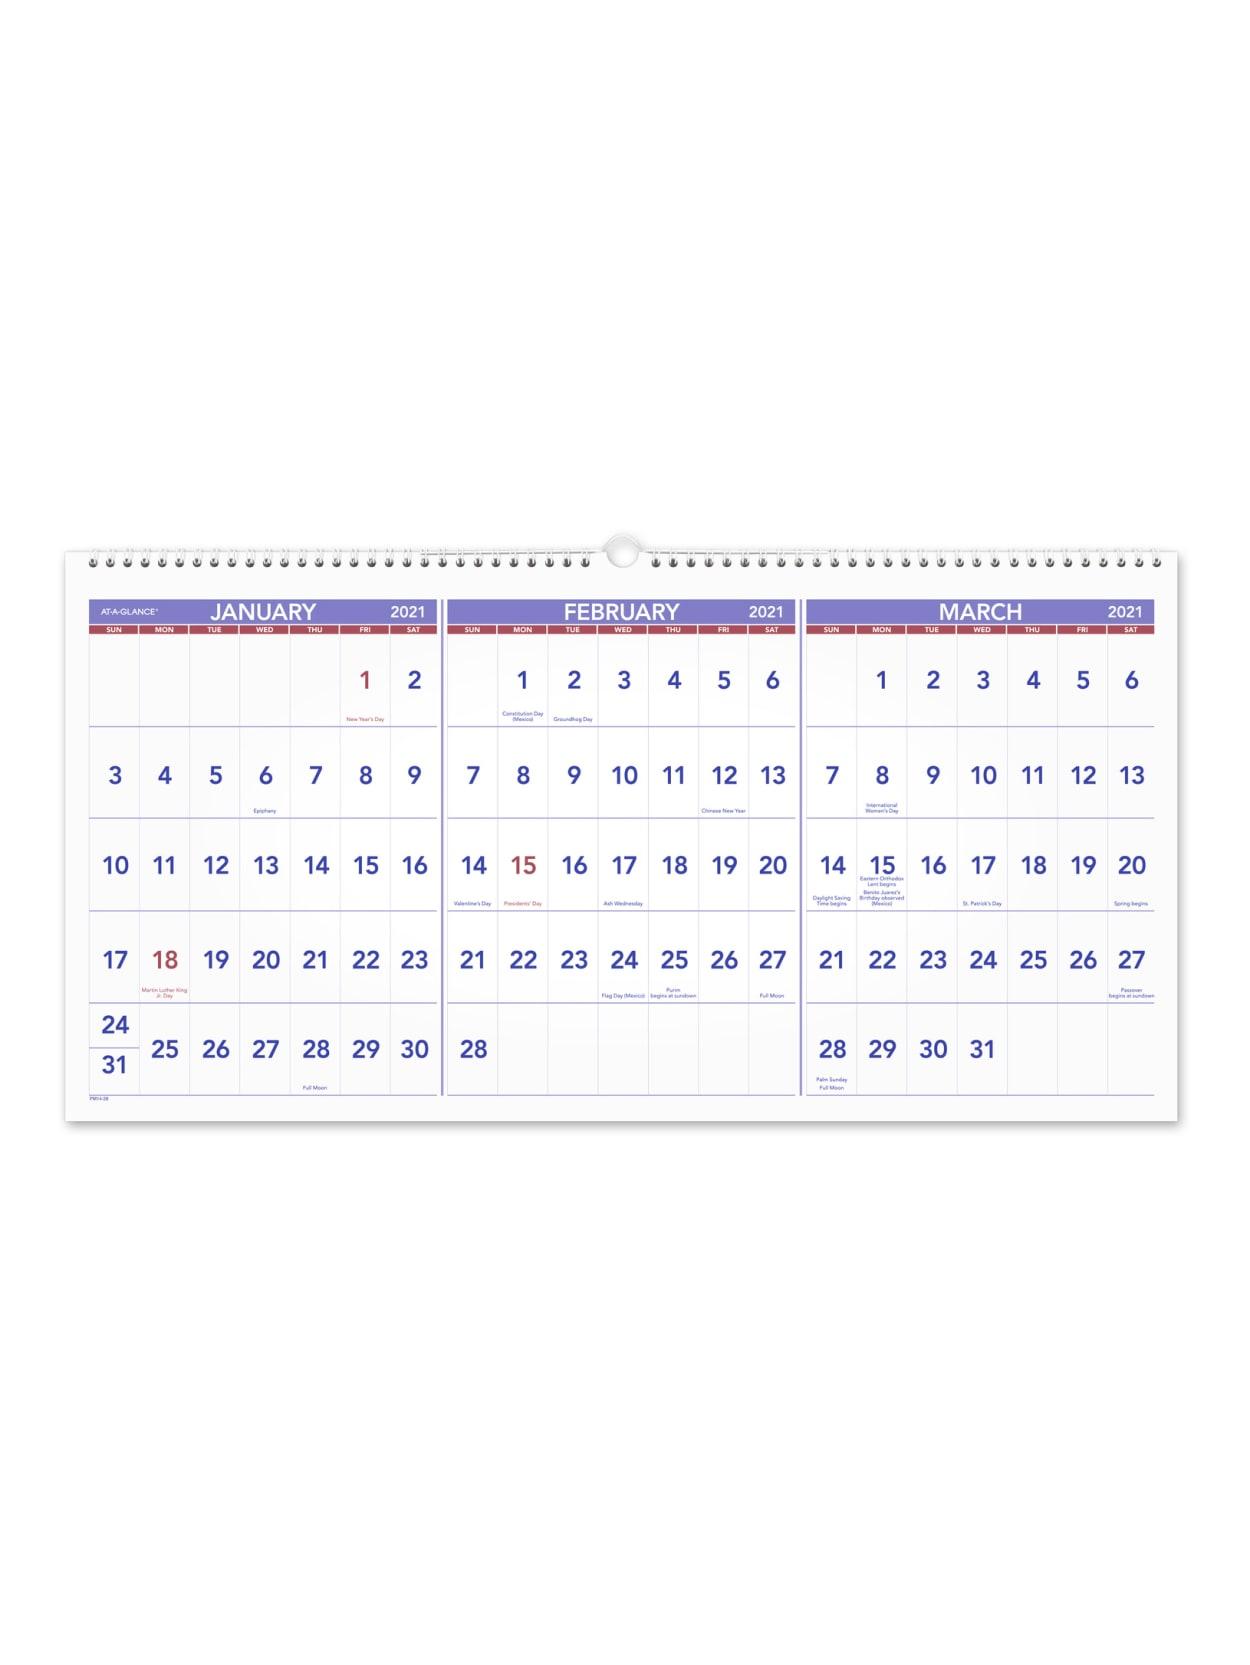 Staples Calendar 2022.At A Glance 3 Month Calendar Pm1428 Office Depot